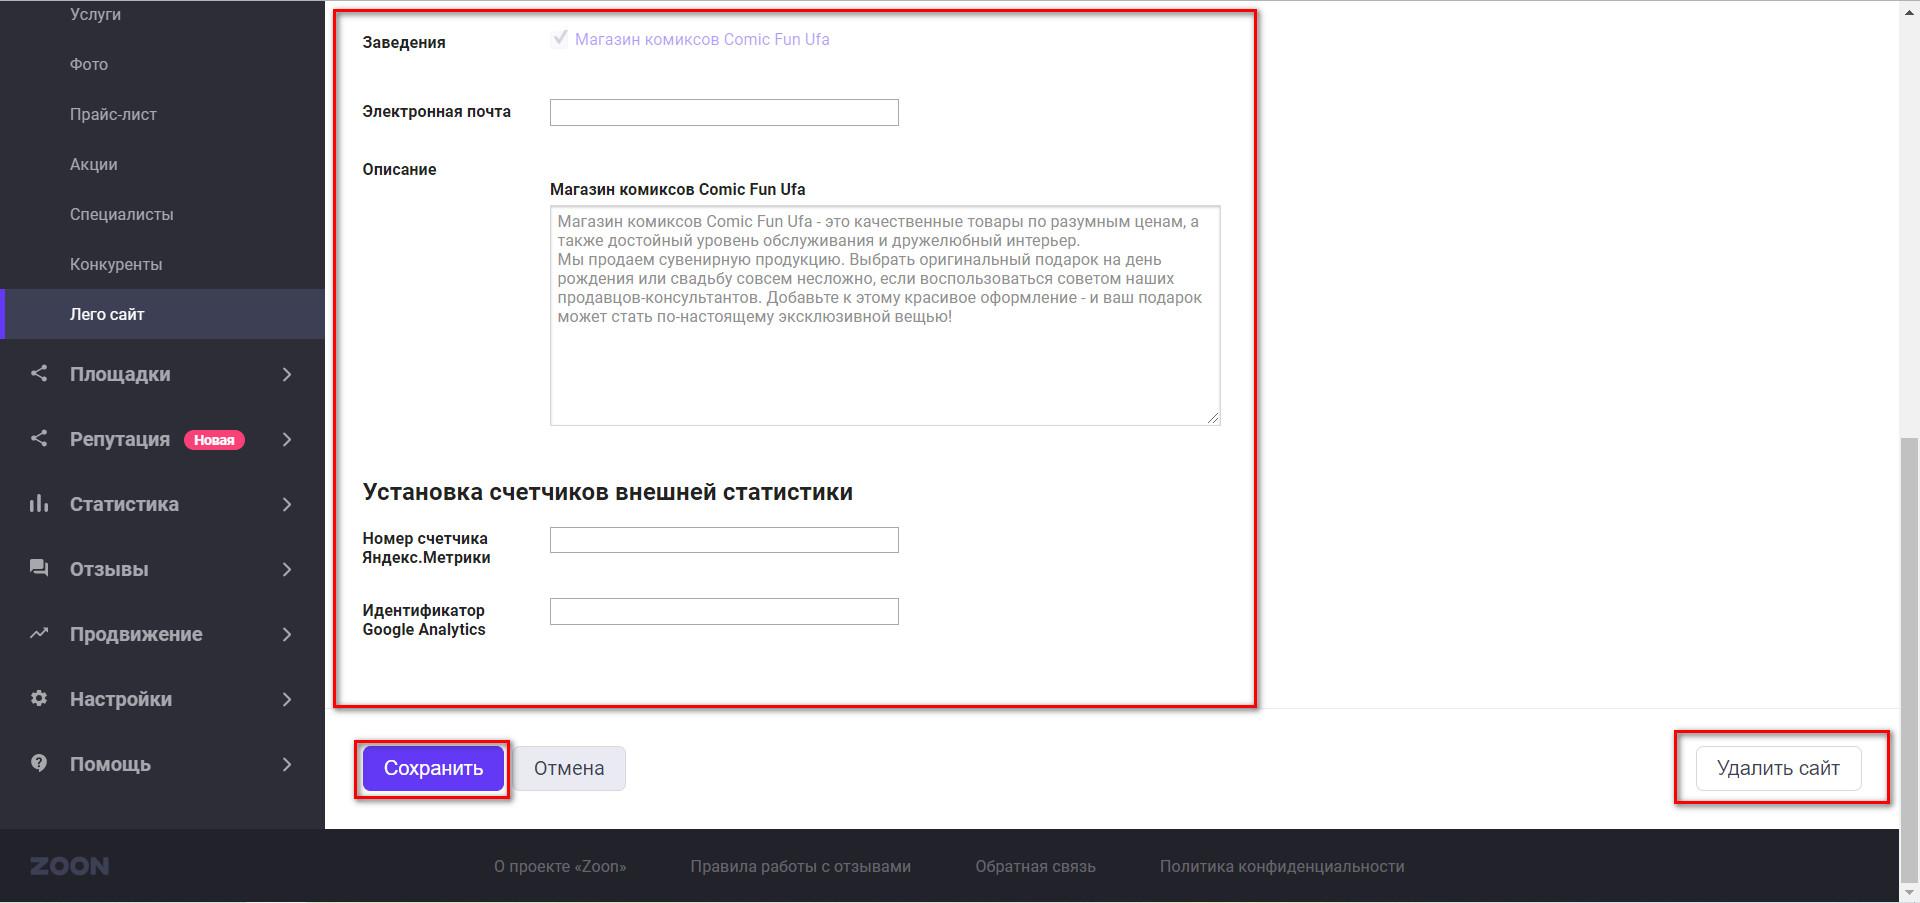 Пример размещения ссылок на сайте петербургская сбытовая компания сайт новая ладога